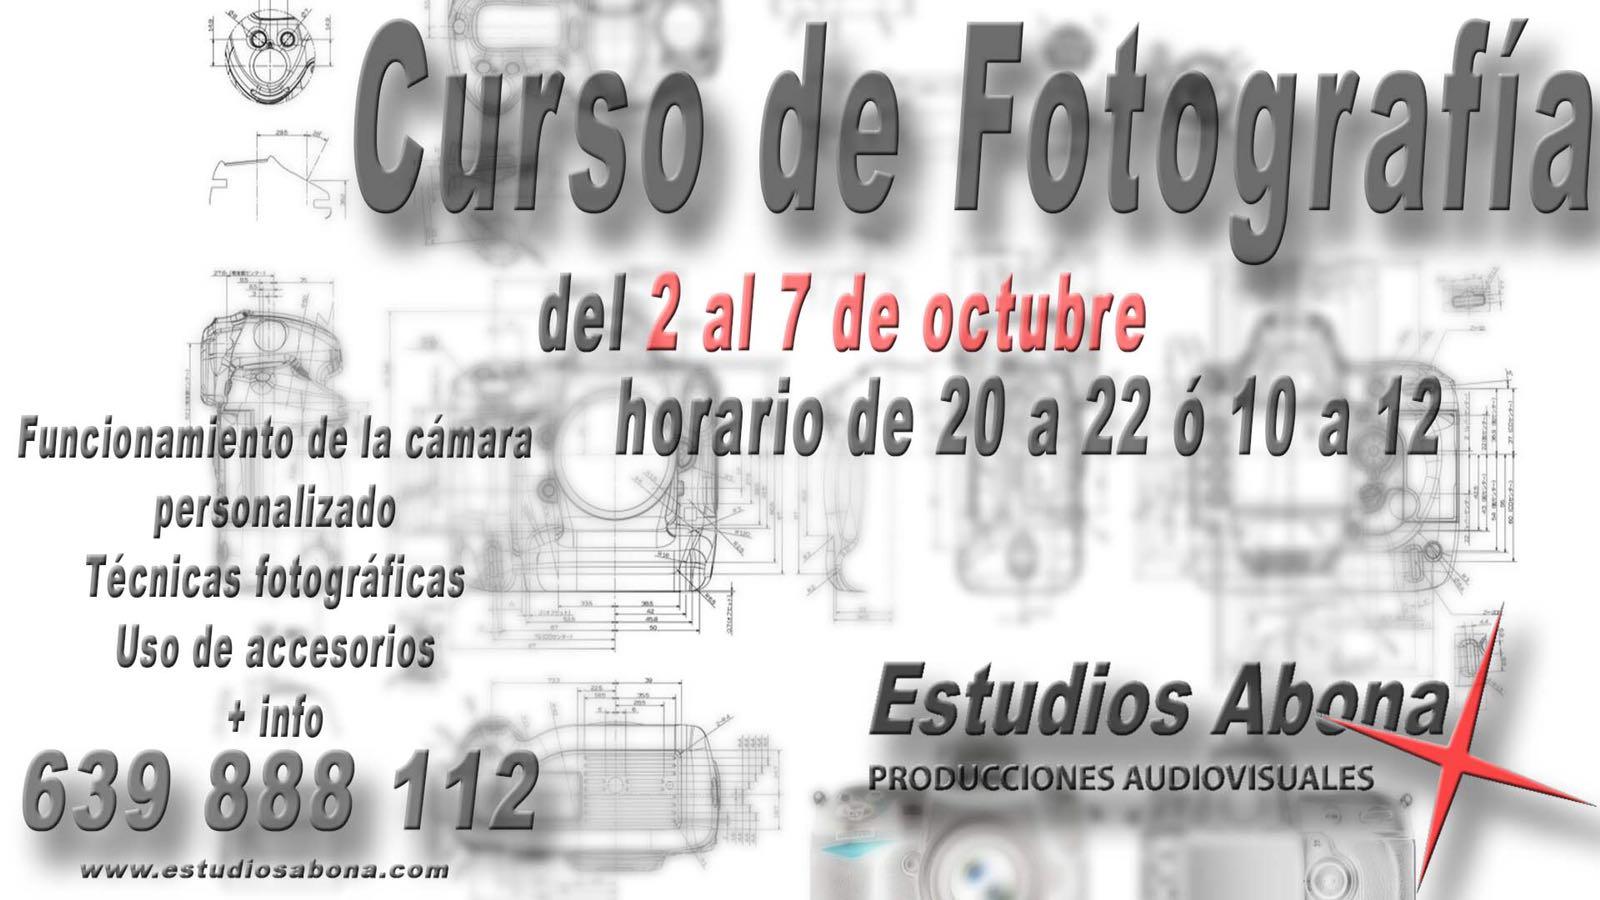 'Curso de Fotografía' del 2 al 7 de octubre a cargo de Estudios Abona